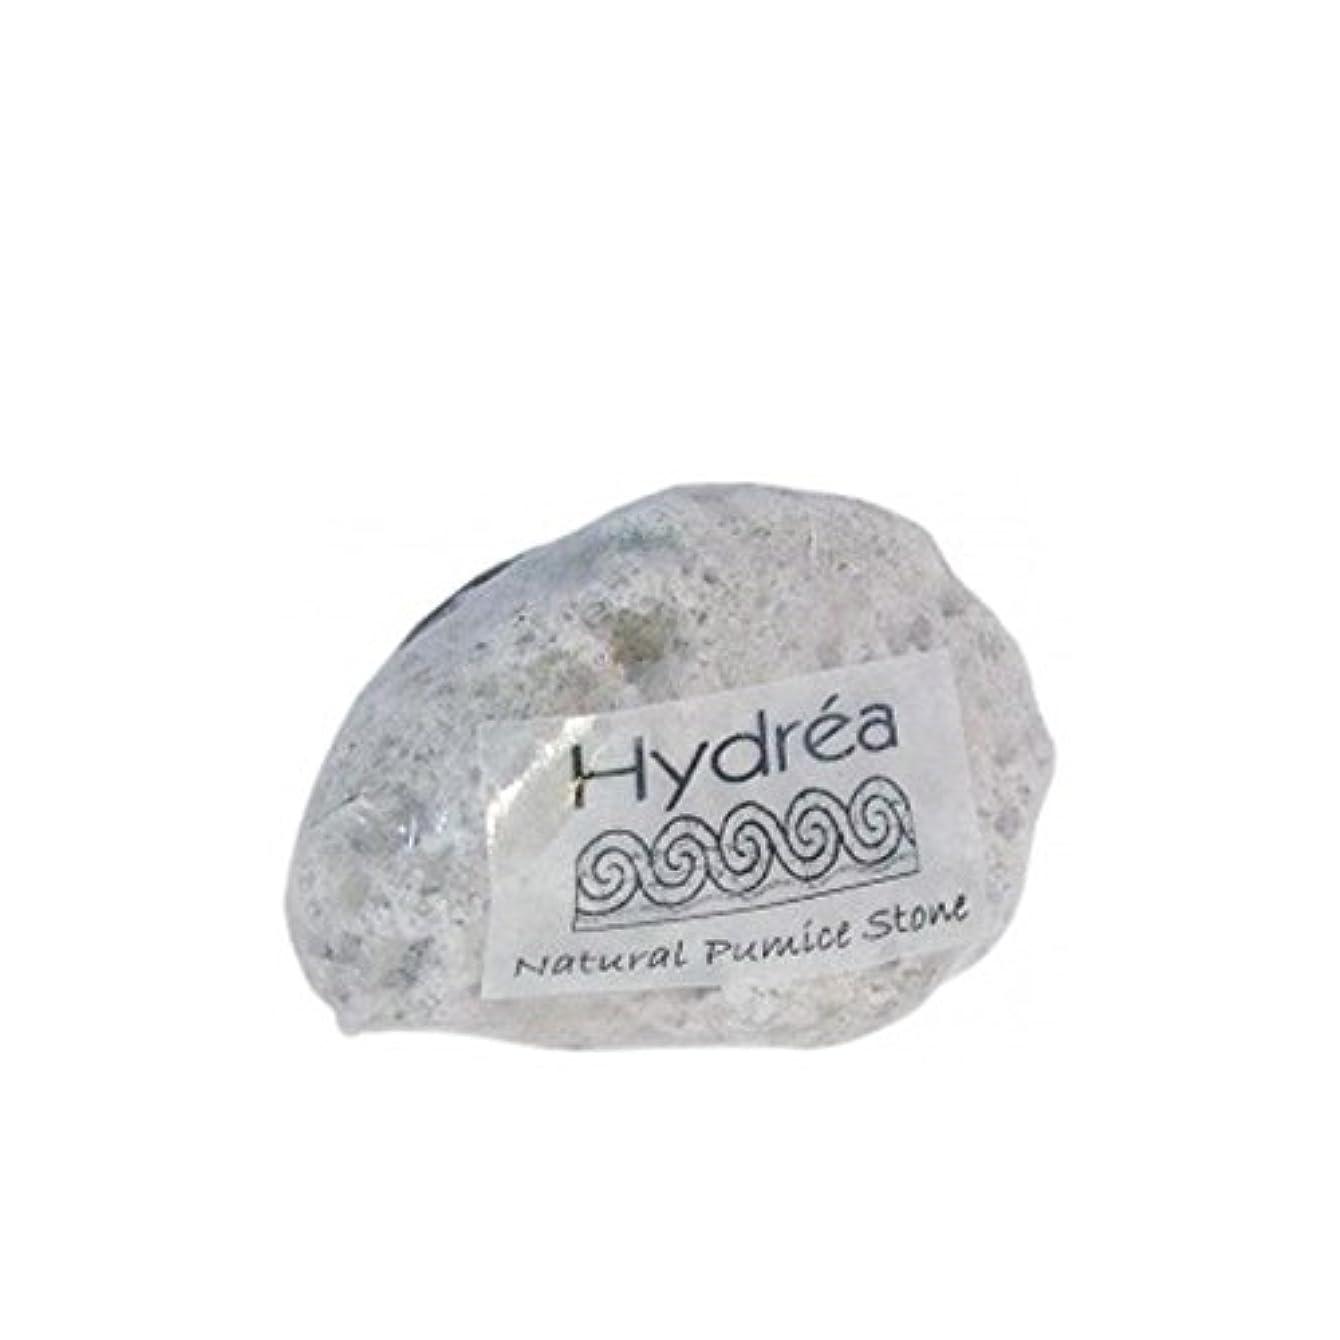 逃げるゴミ箱プロテスタントHydrea London - Natural Pumice Stone (Pack of 6) - ハイドレアロンドン - 自然軽石 x6 [並行輸入品]